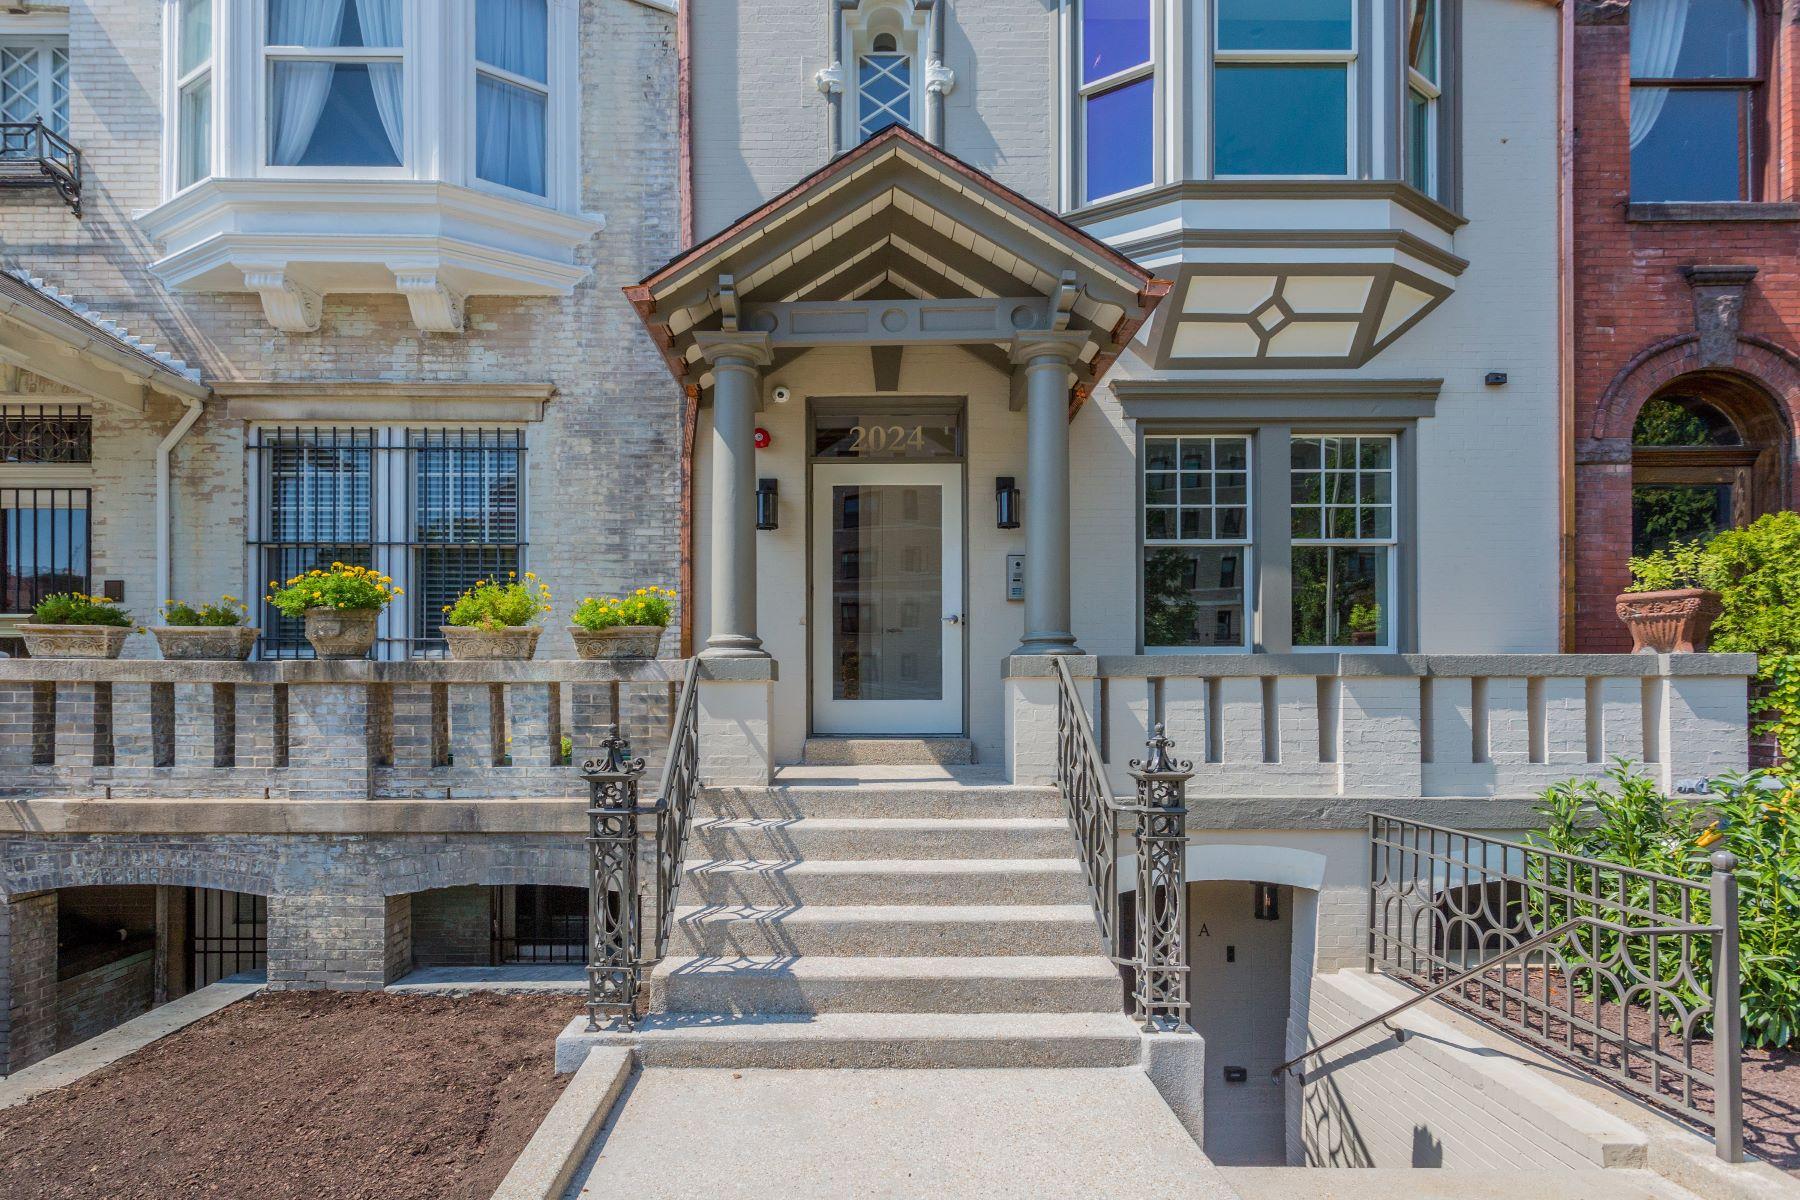 Частный односемейный дом для того Продажа на The Appleton 2024 16th Street NW #1, Washington, Округ Колумбия, 20009 Соединенные Штаты